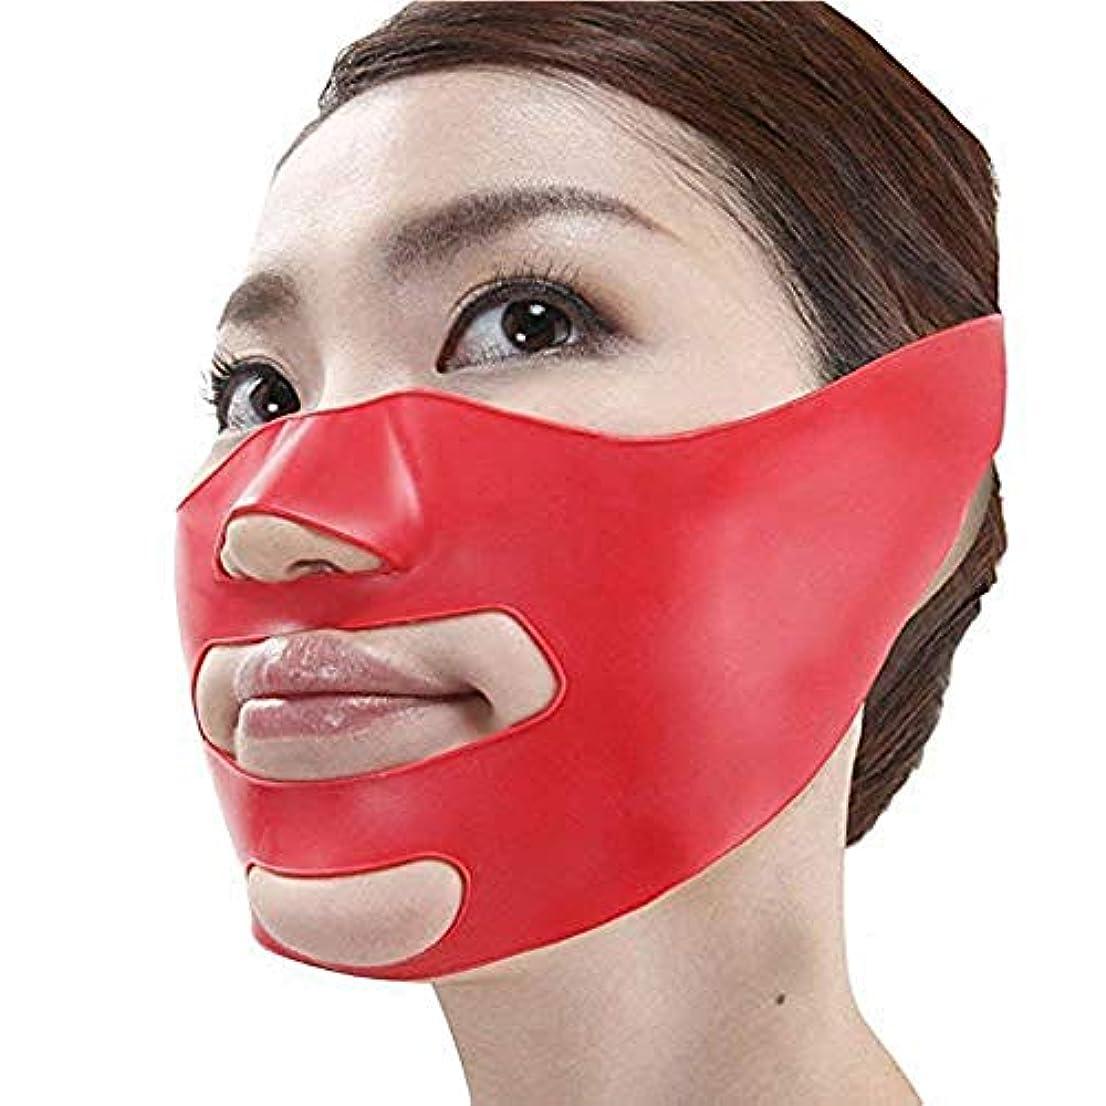 評価可能仮定、想定。推測に付けるLindexs 小顔矯正 マスク 小顔補正ベルト ほうれい線 3Dエクササイズマスク リフトスリムマスク 抗シワ サウナマスク 法令線予防 美容グッ (フリーサイズ)